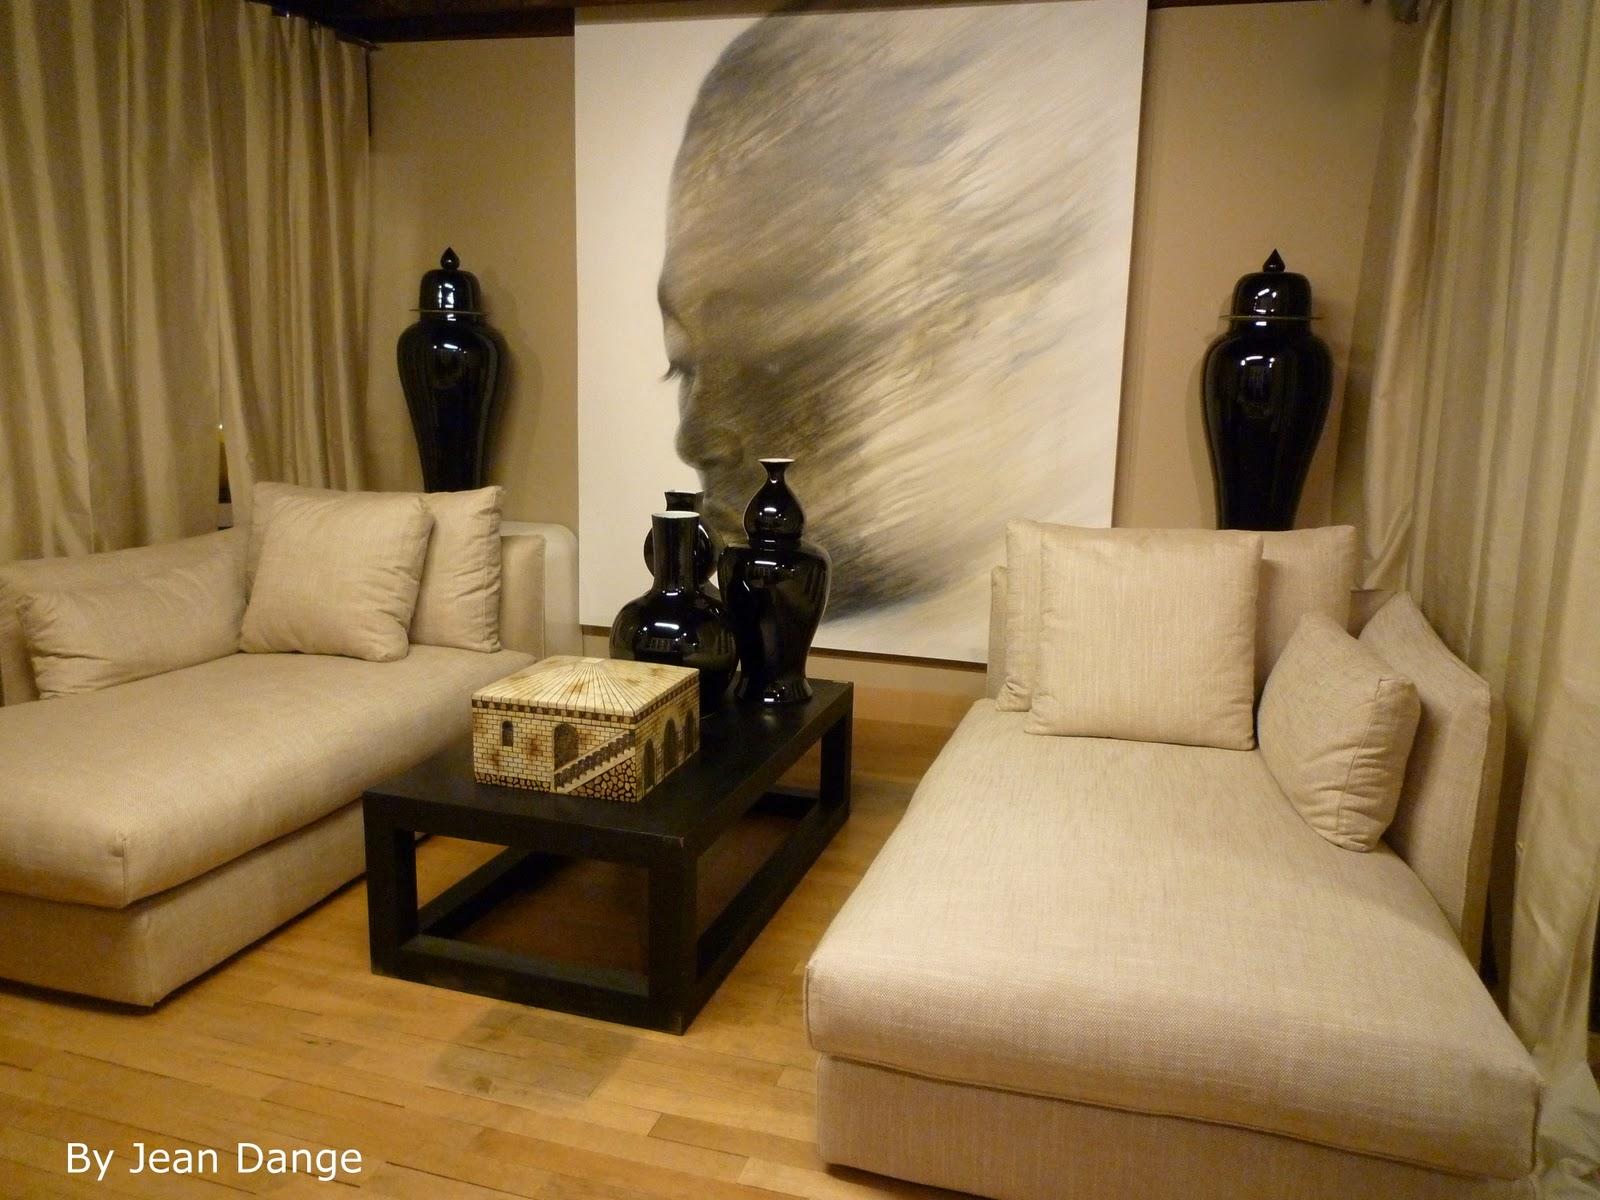 jean dange lounge. Black Bedroom Furniture Sets. Home Design Ideas